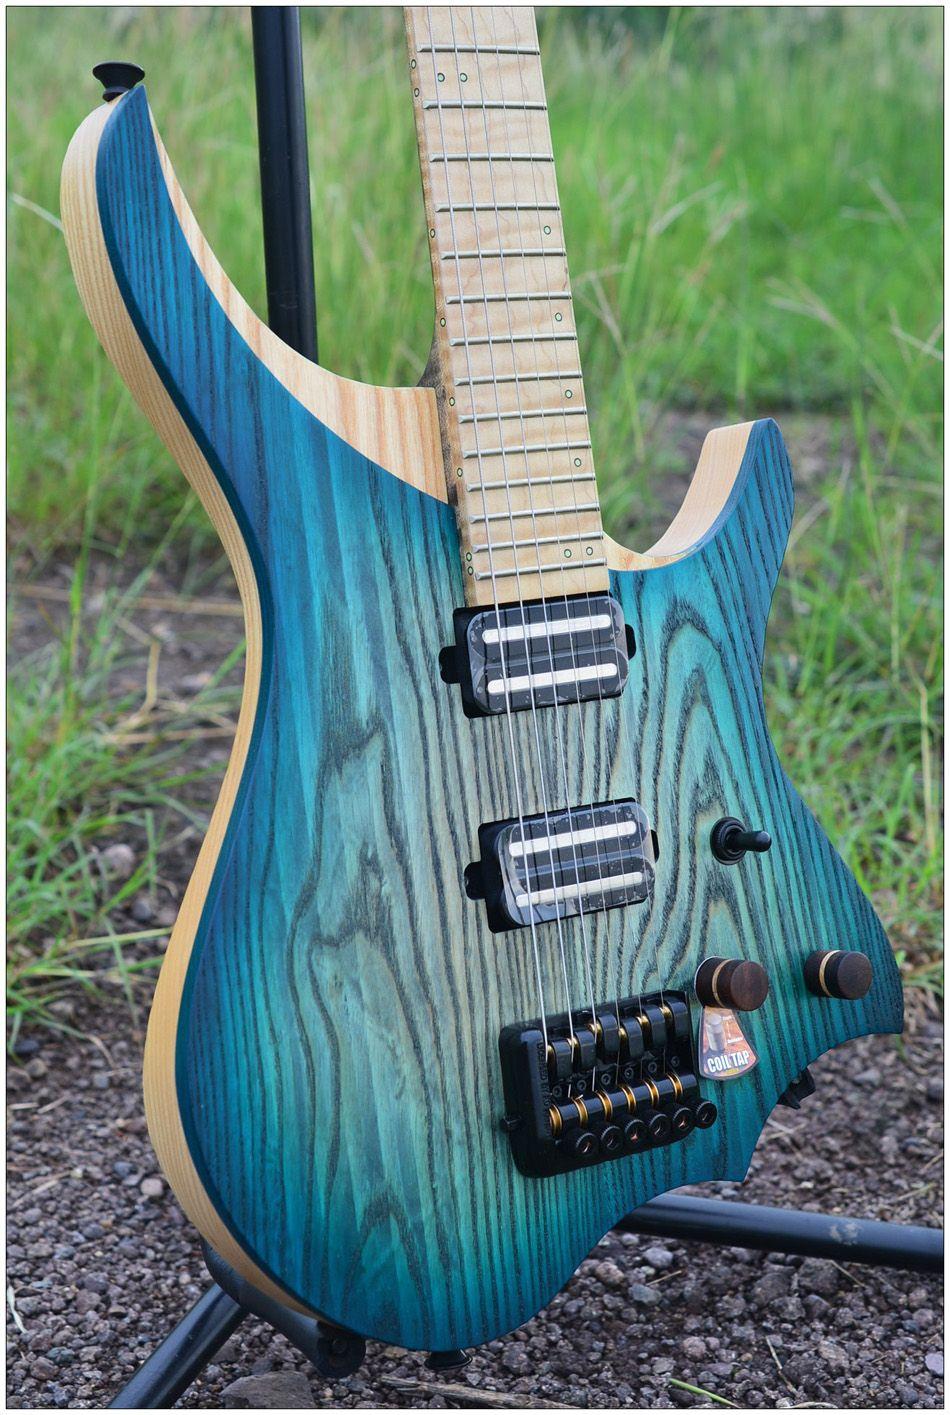 NK Headless Gitarre steinberger stil Modell Blau burst Farbe Weiß Flamme ahorn Hals auf lager Gitarre freies verschiffen